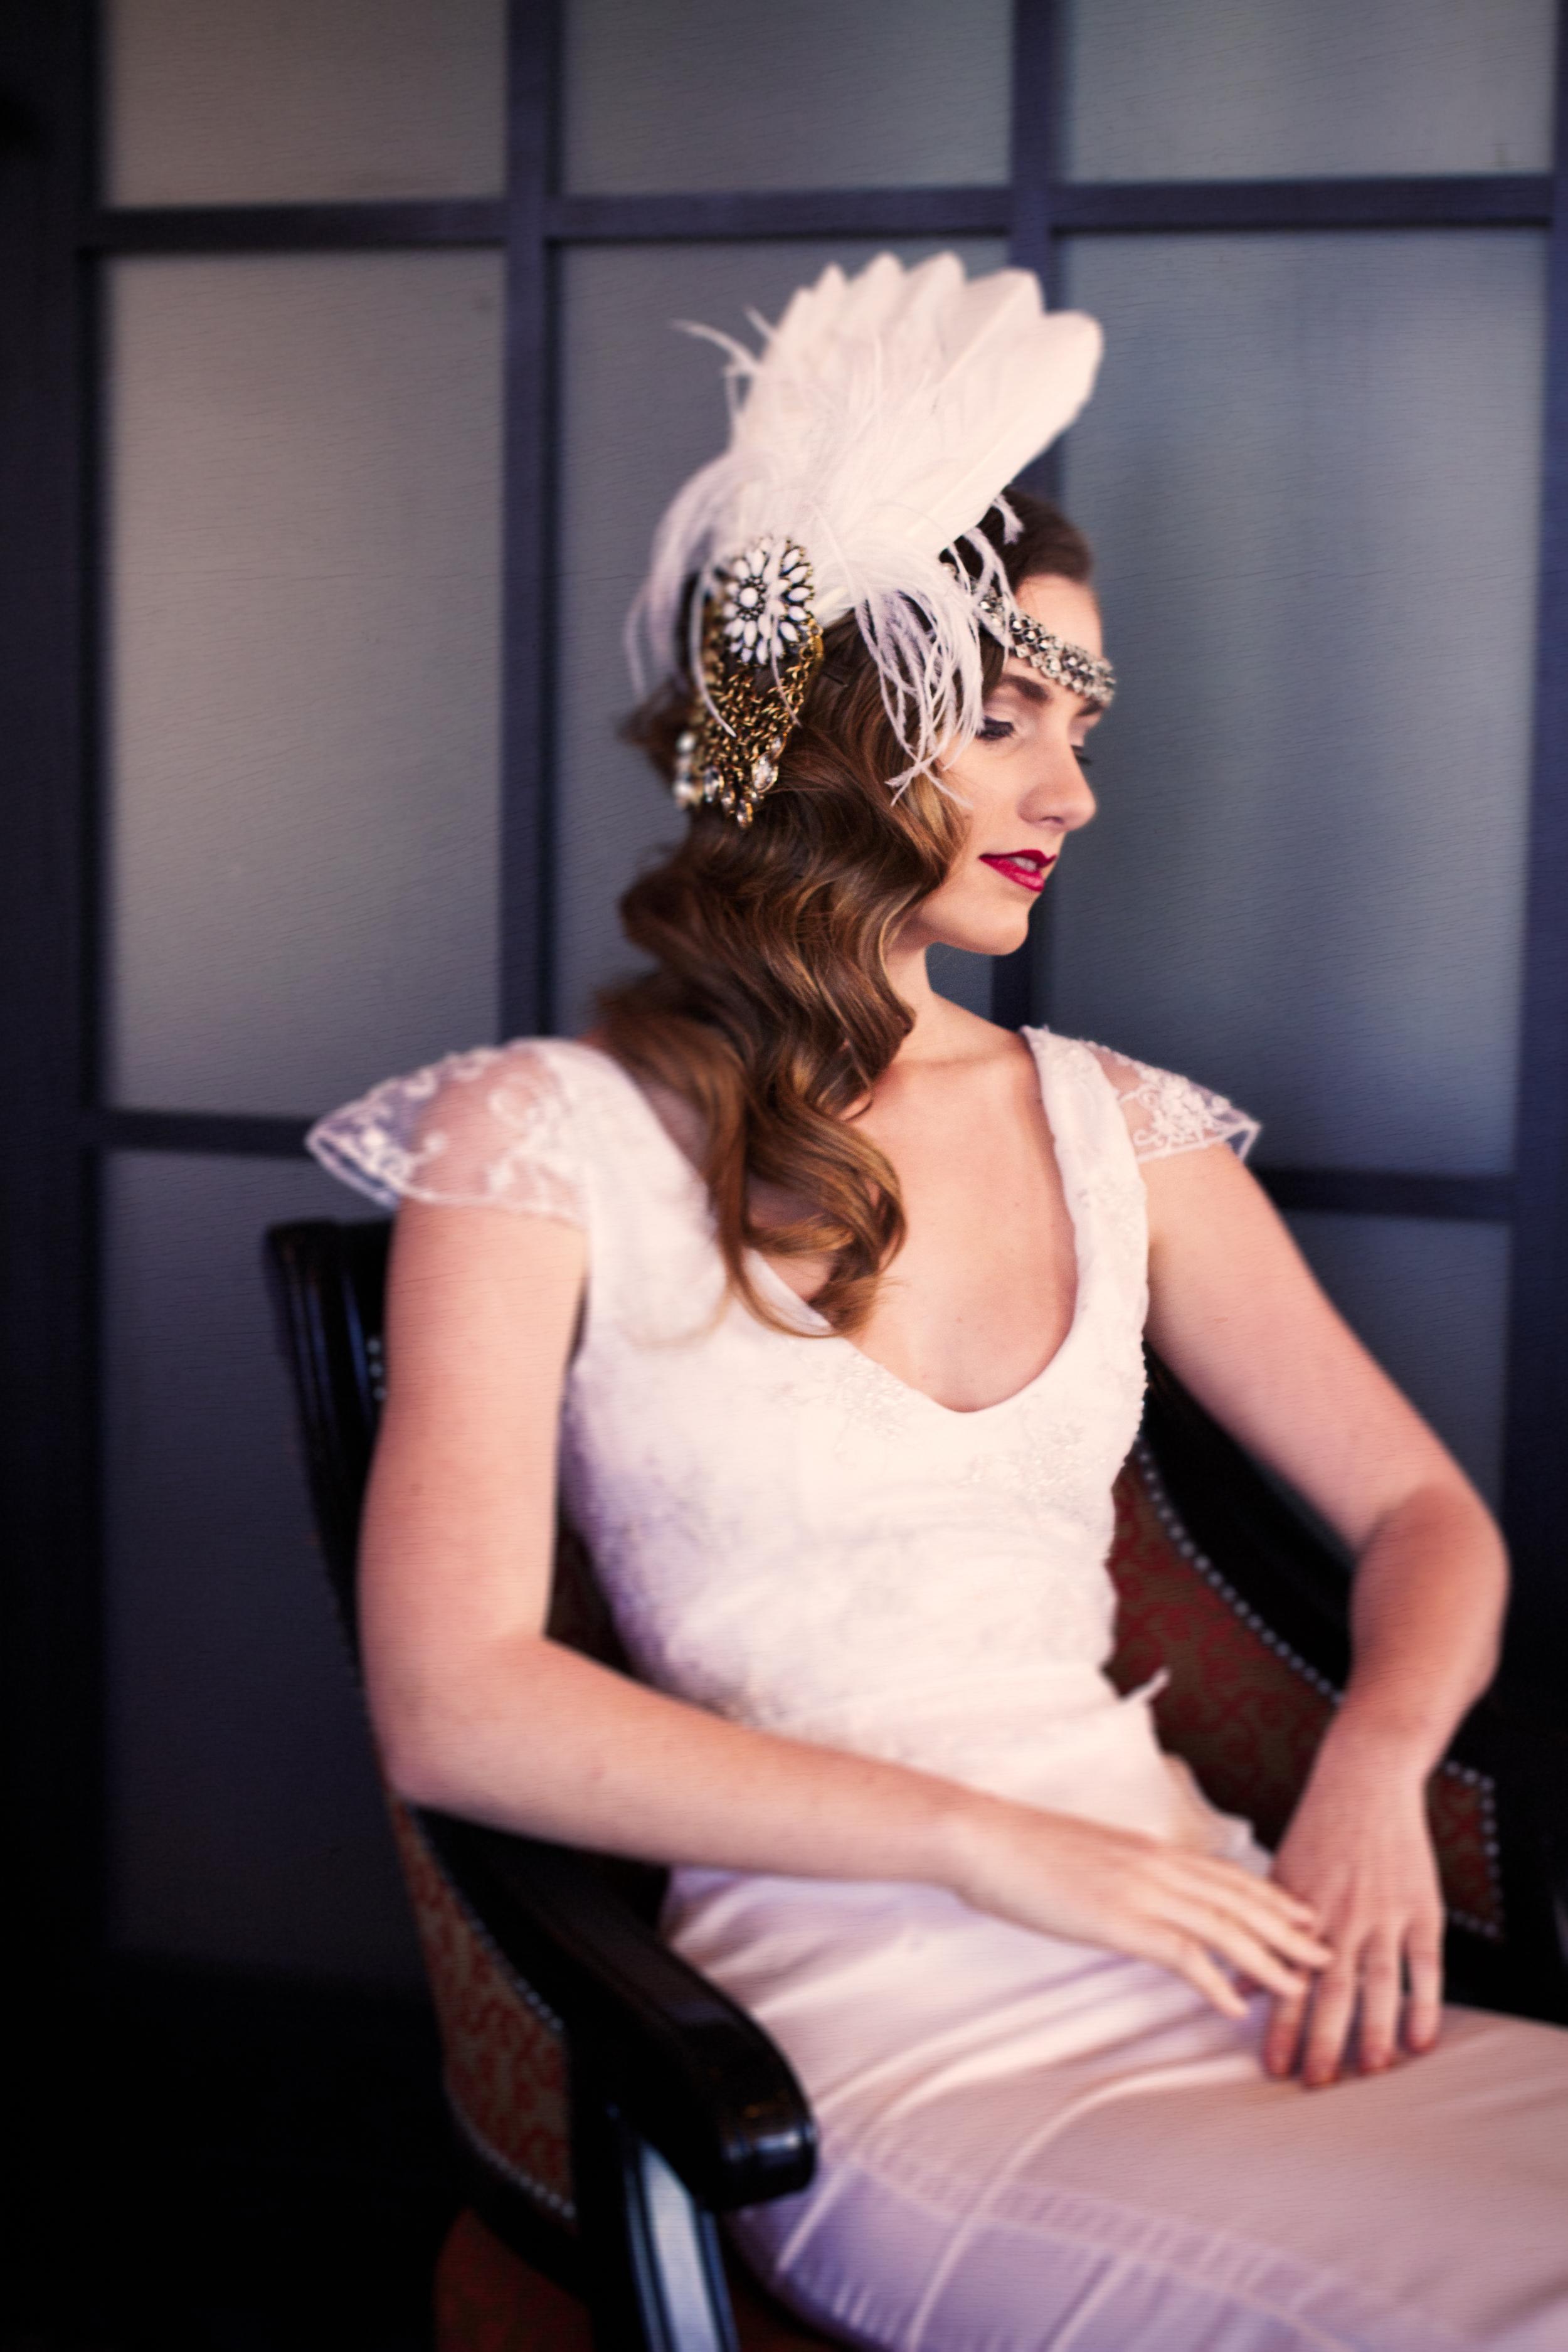 fashion_wedding_vaniaelisephotography--26.jpg